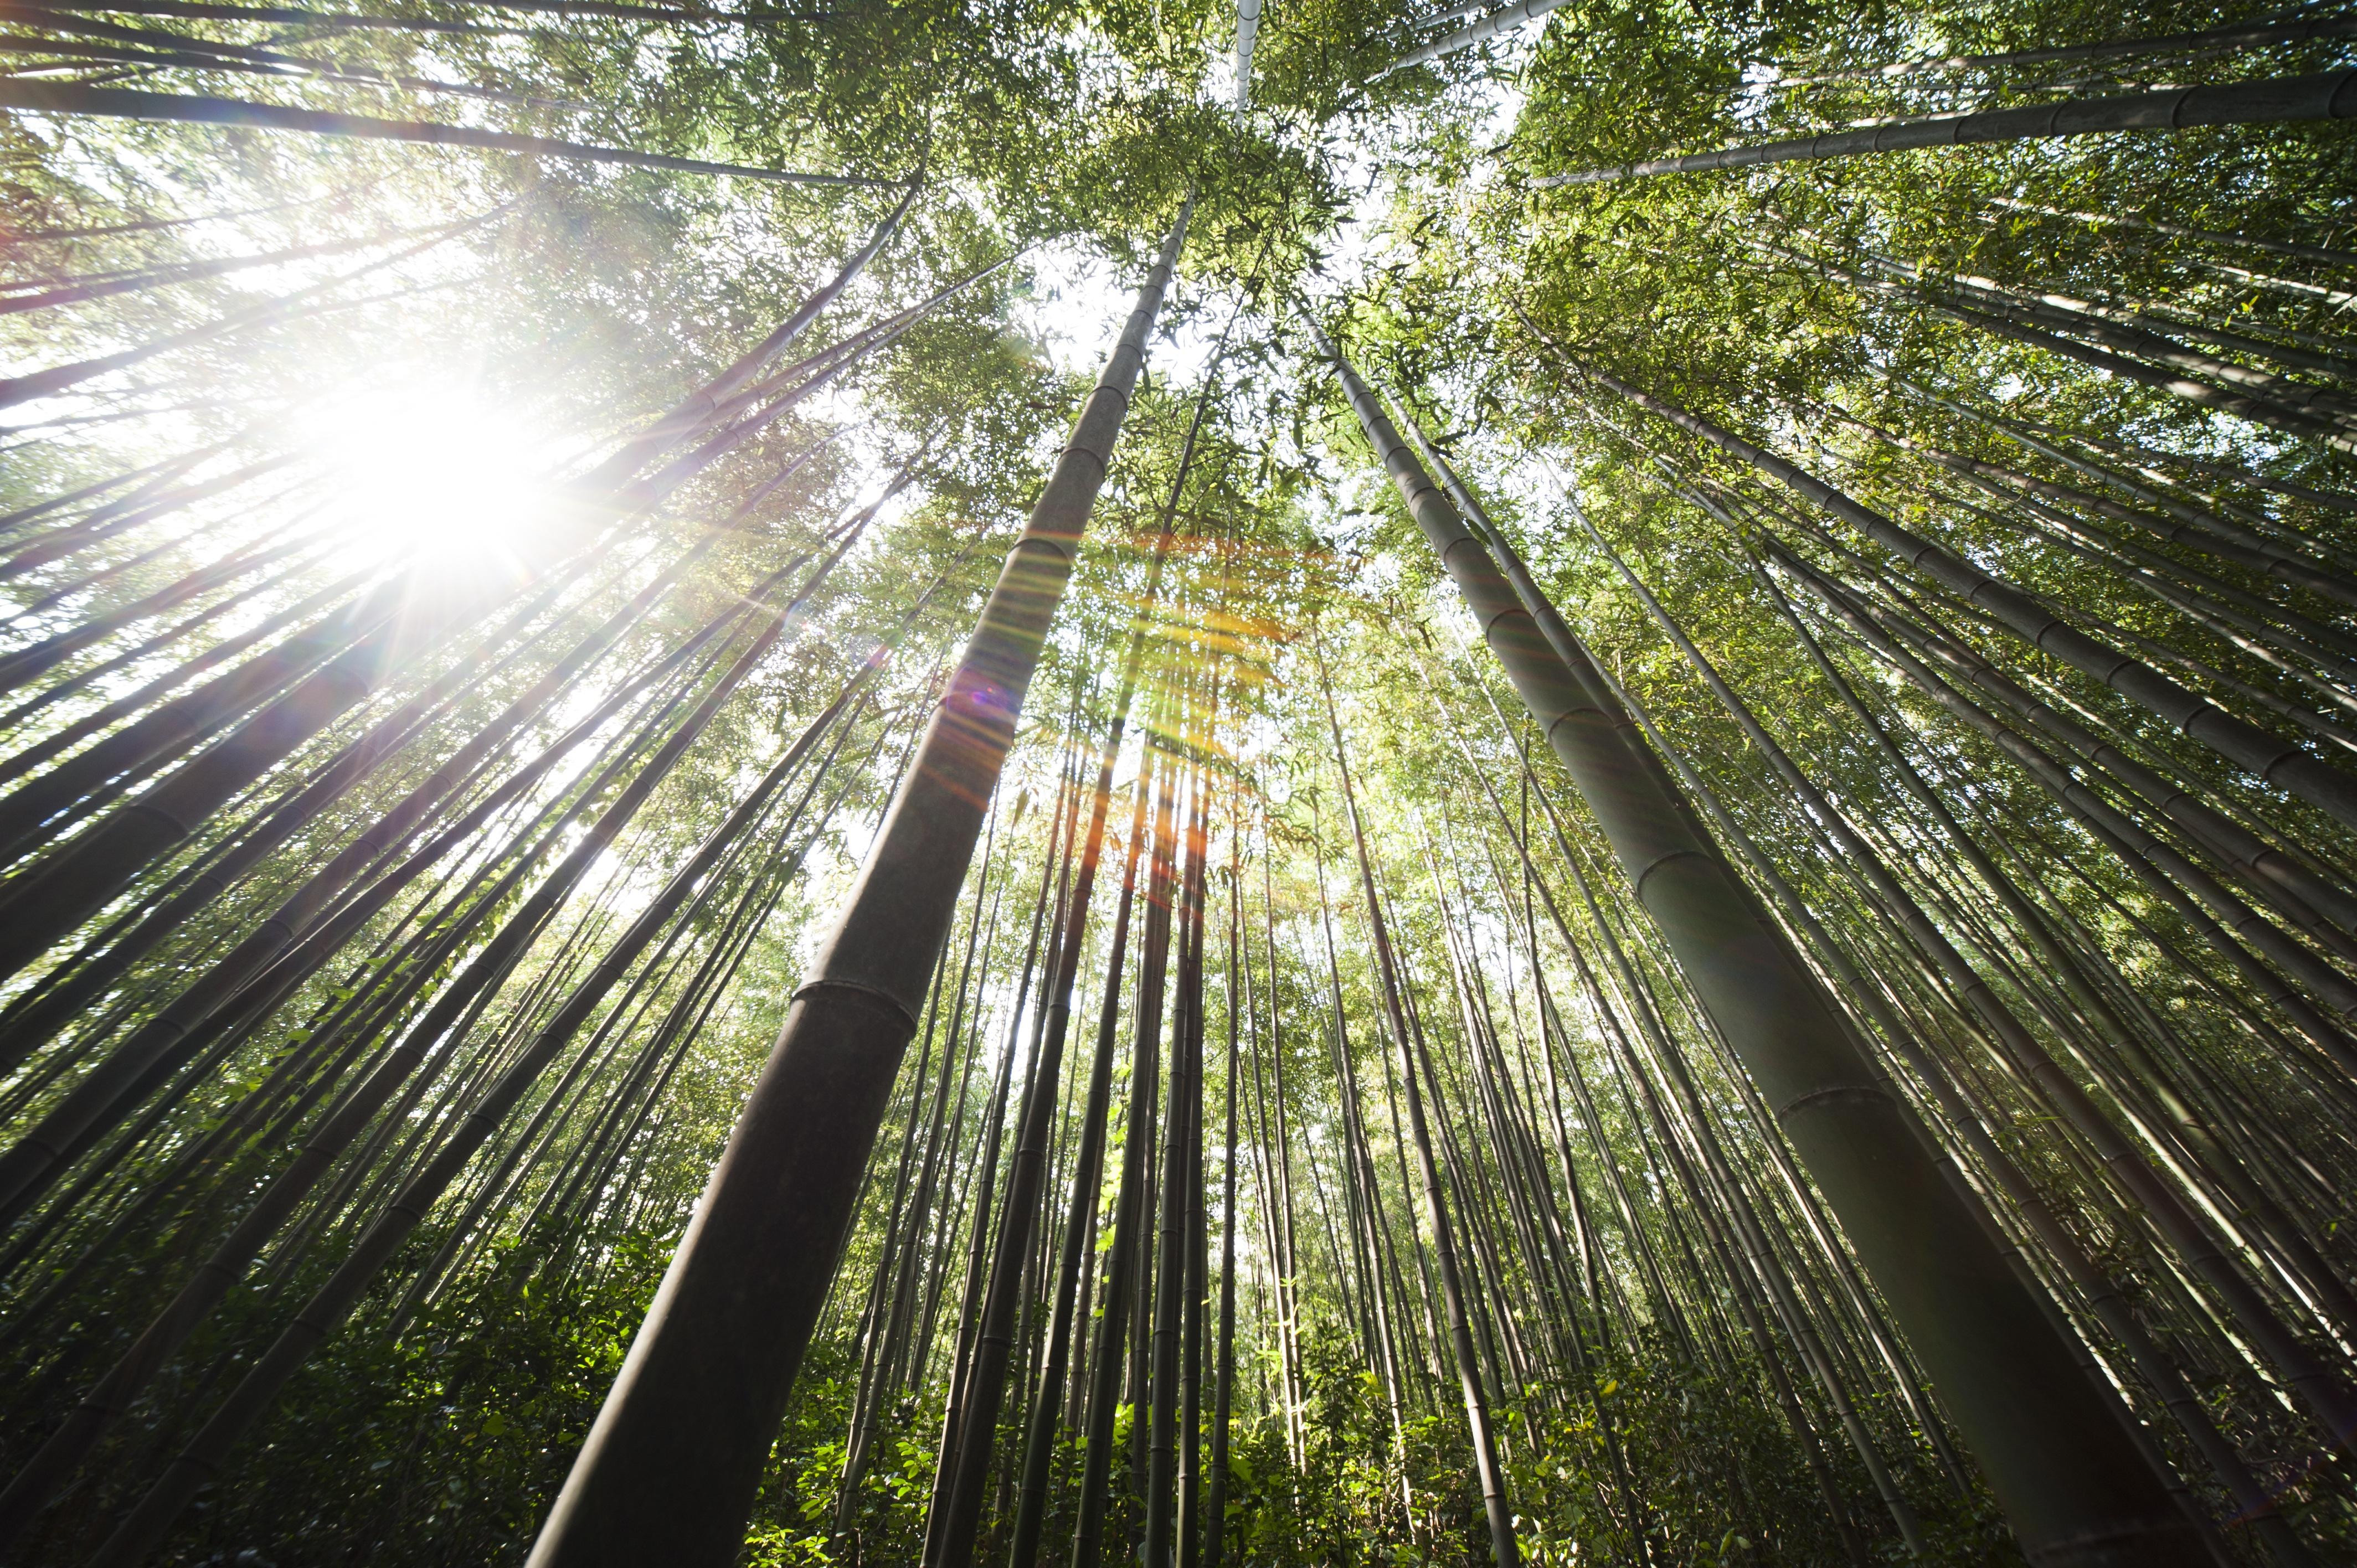 lever-de-soleil-forêt-de-bambou